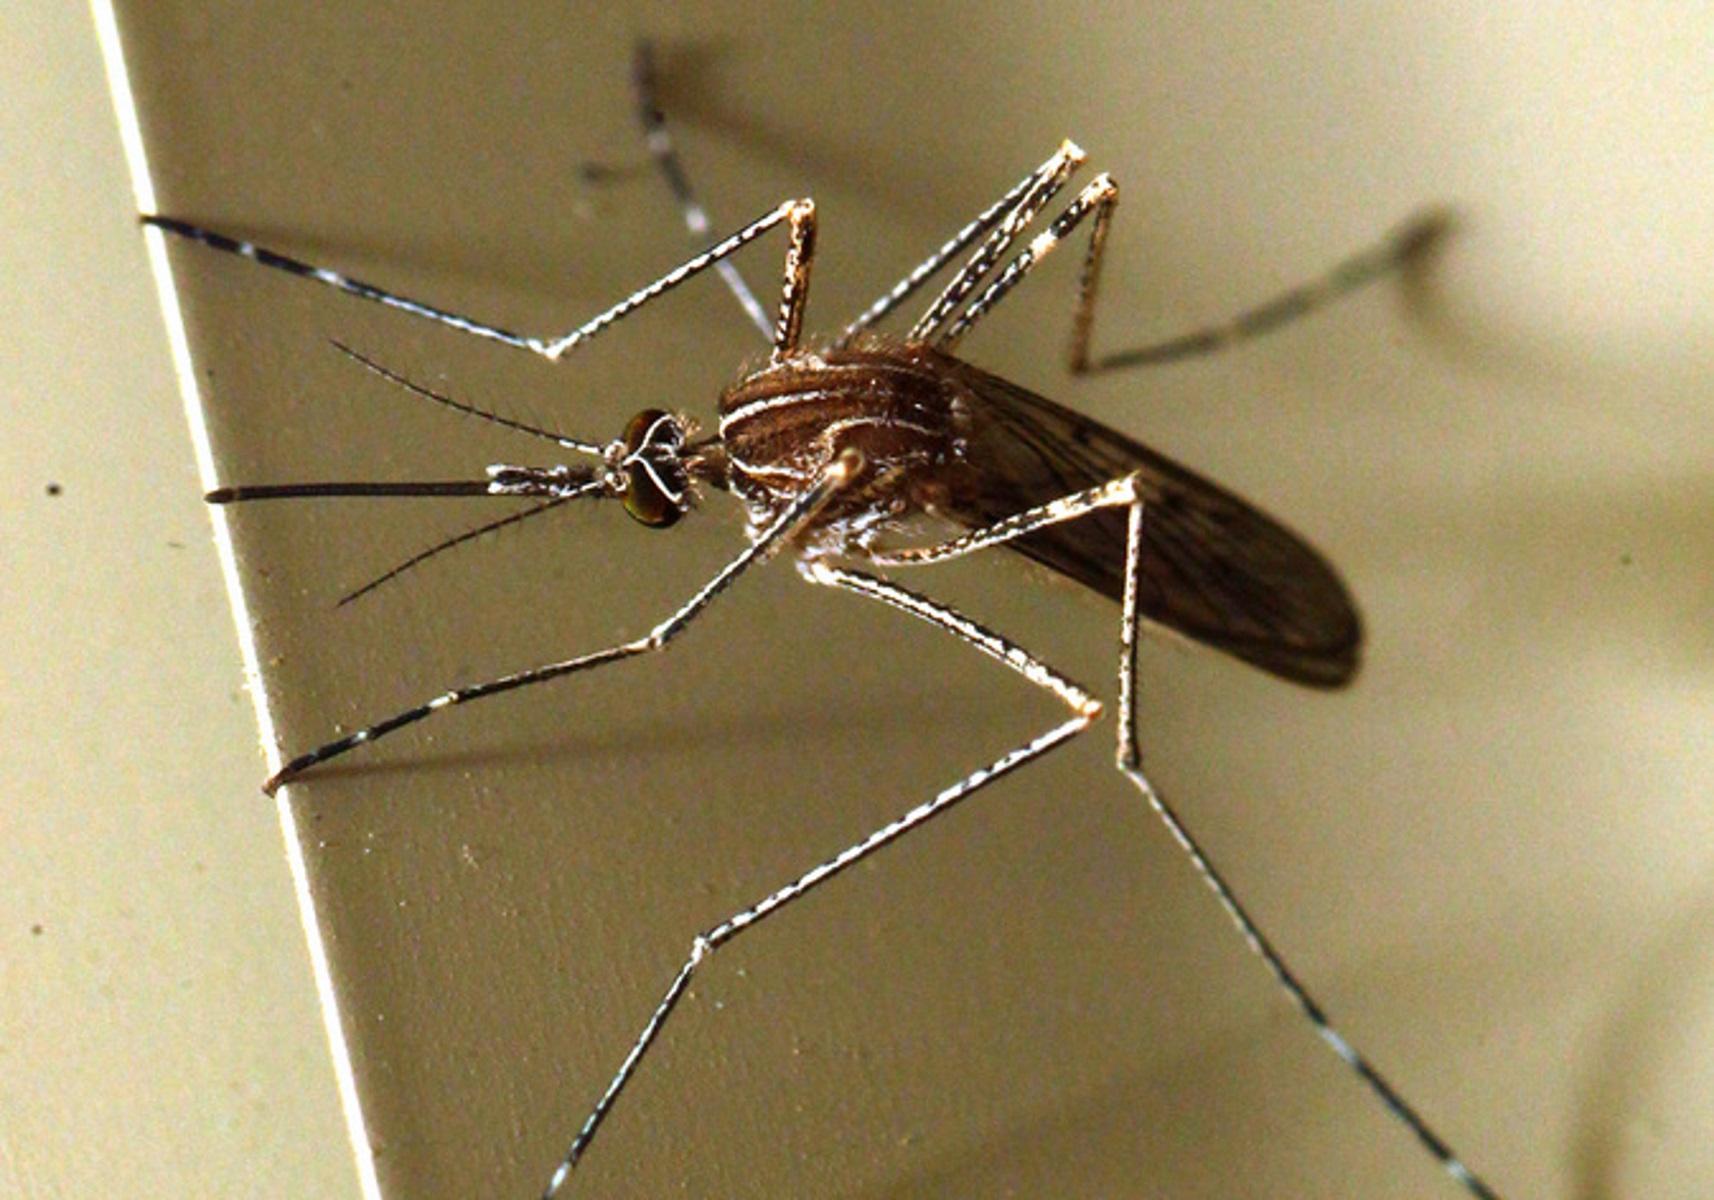 Θεσσαλονίκη: Ψεκασμοί από αέρος για τα κουνούπια – Τα μέτρα για το φετινό καλοκαίρι